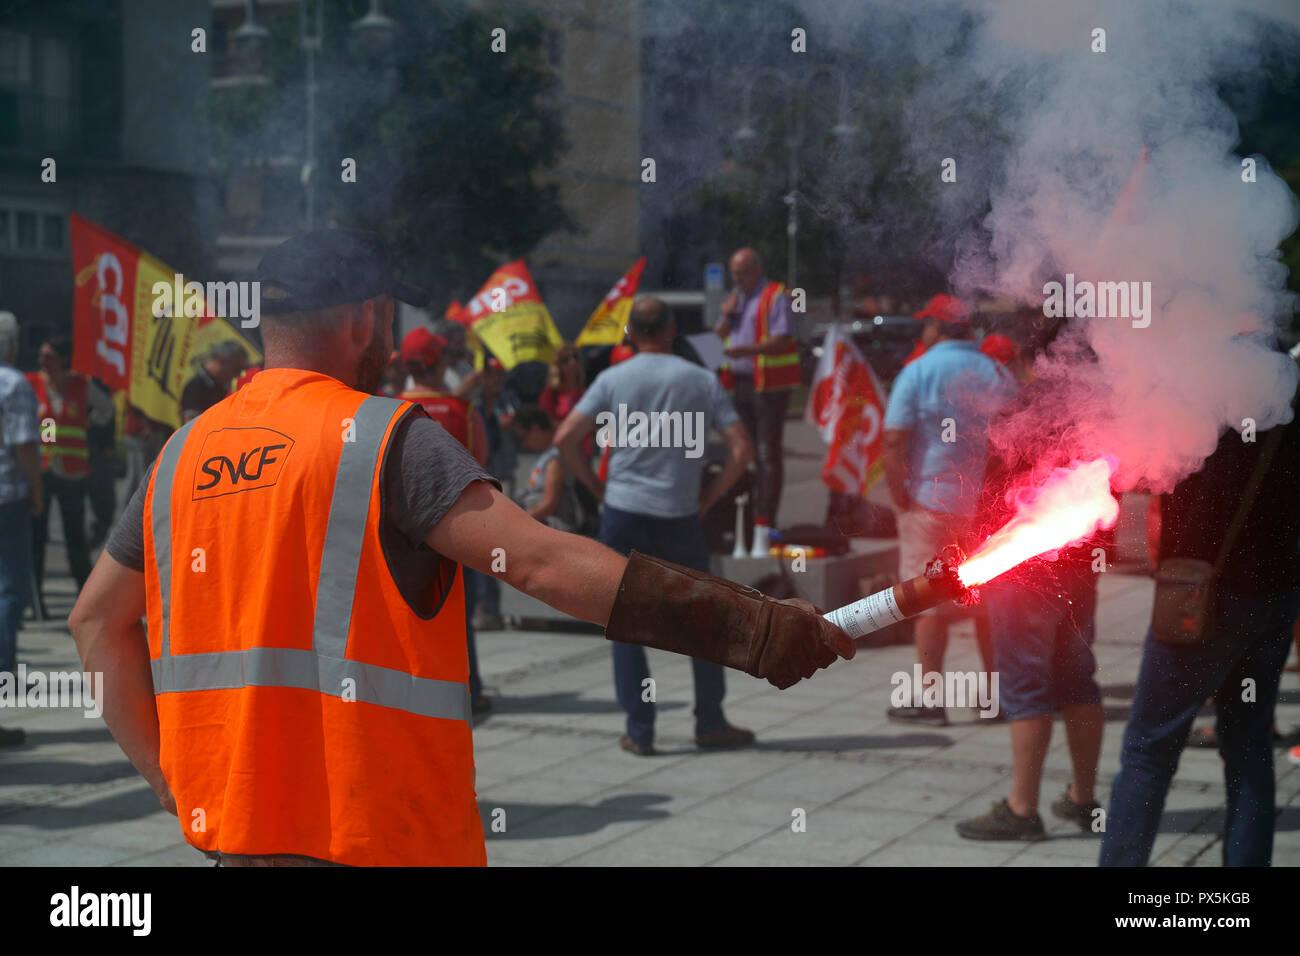 Sindicato CGT organizar una manifestación contra la reforma del sistema ferroviario. Le Fayet. Francia. Imagen De Stock